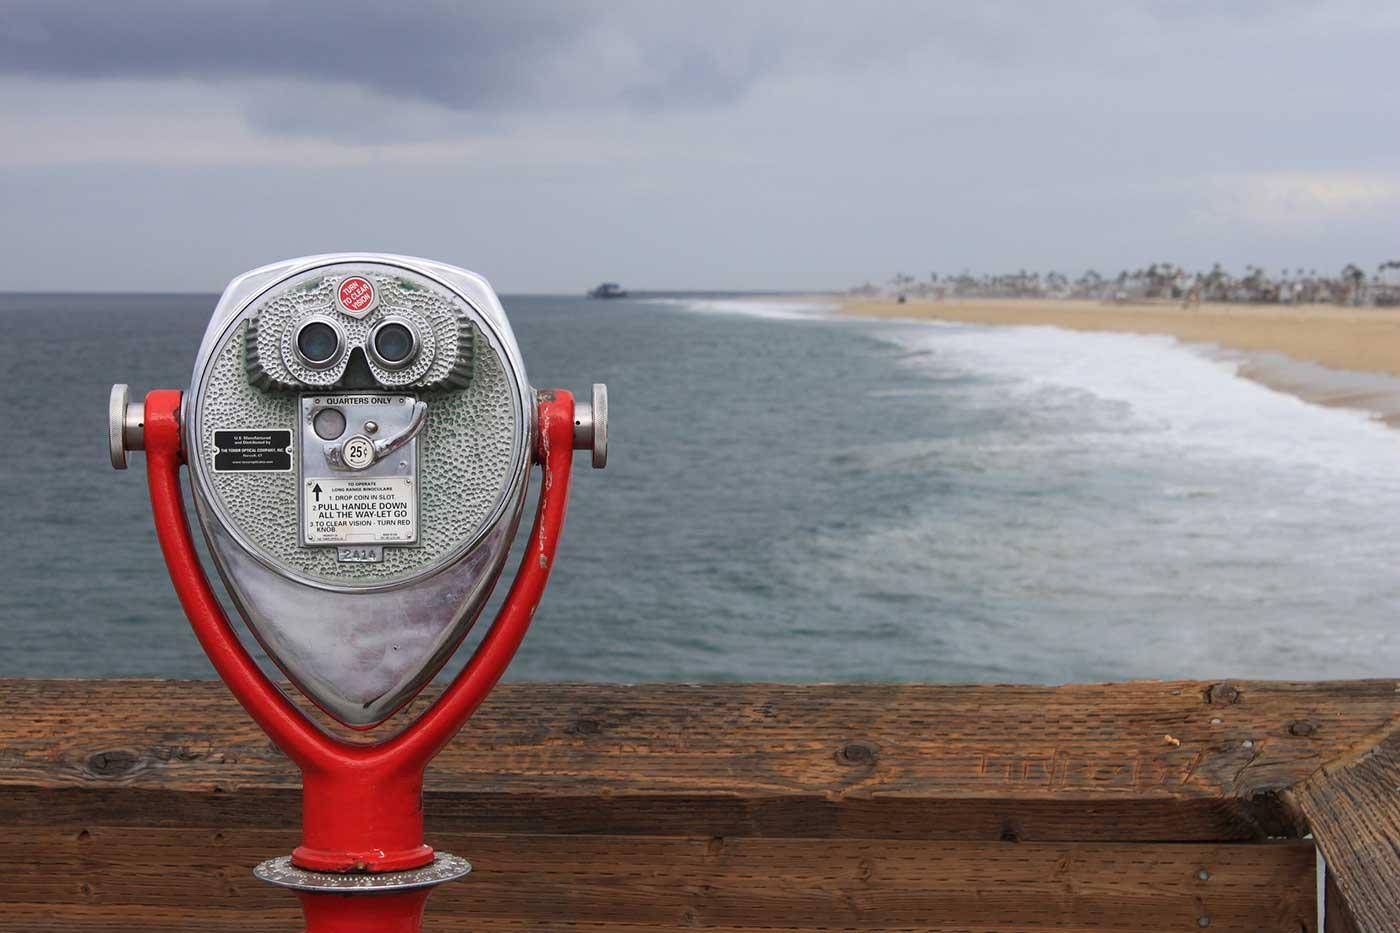 Binoculars looking over ocean